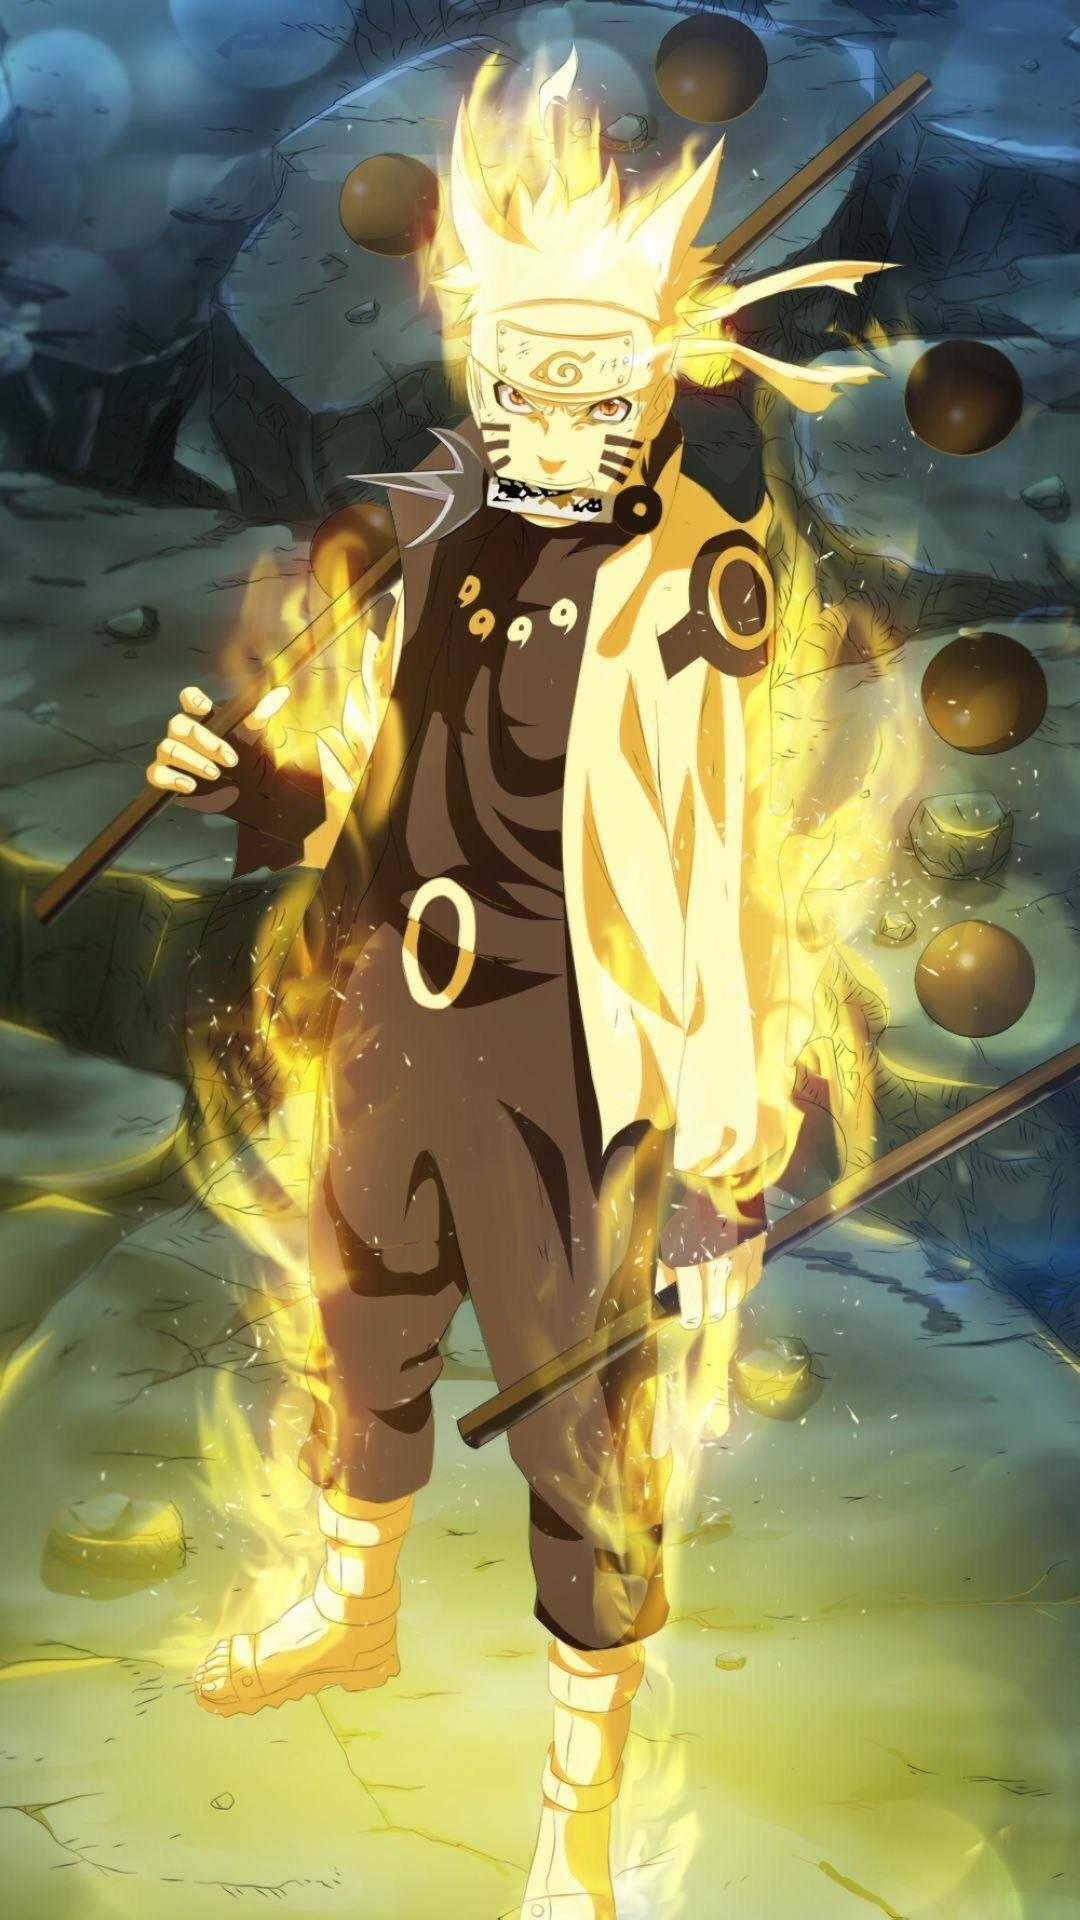 Naruto Modo Sabio Dos Seis Caminhos Tattoos Pinterest Manga